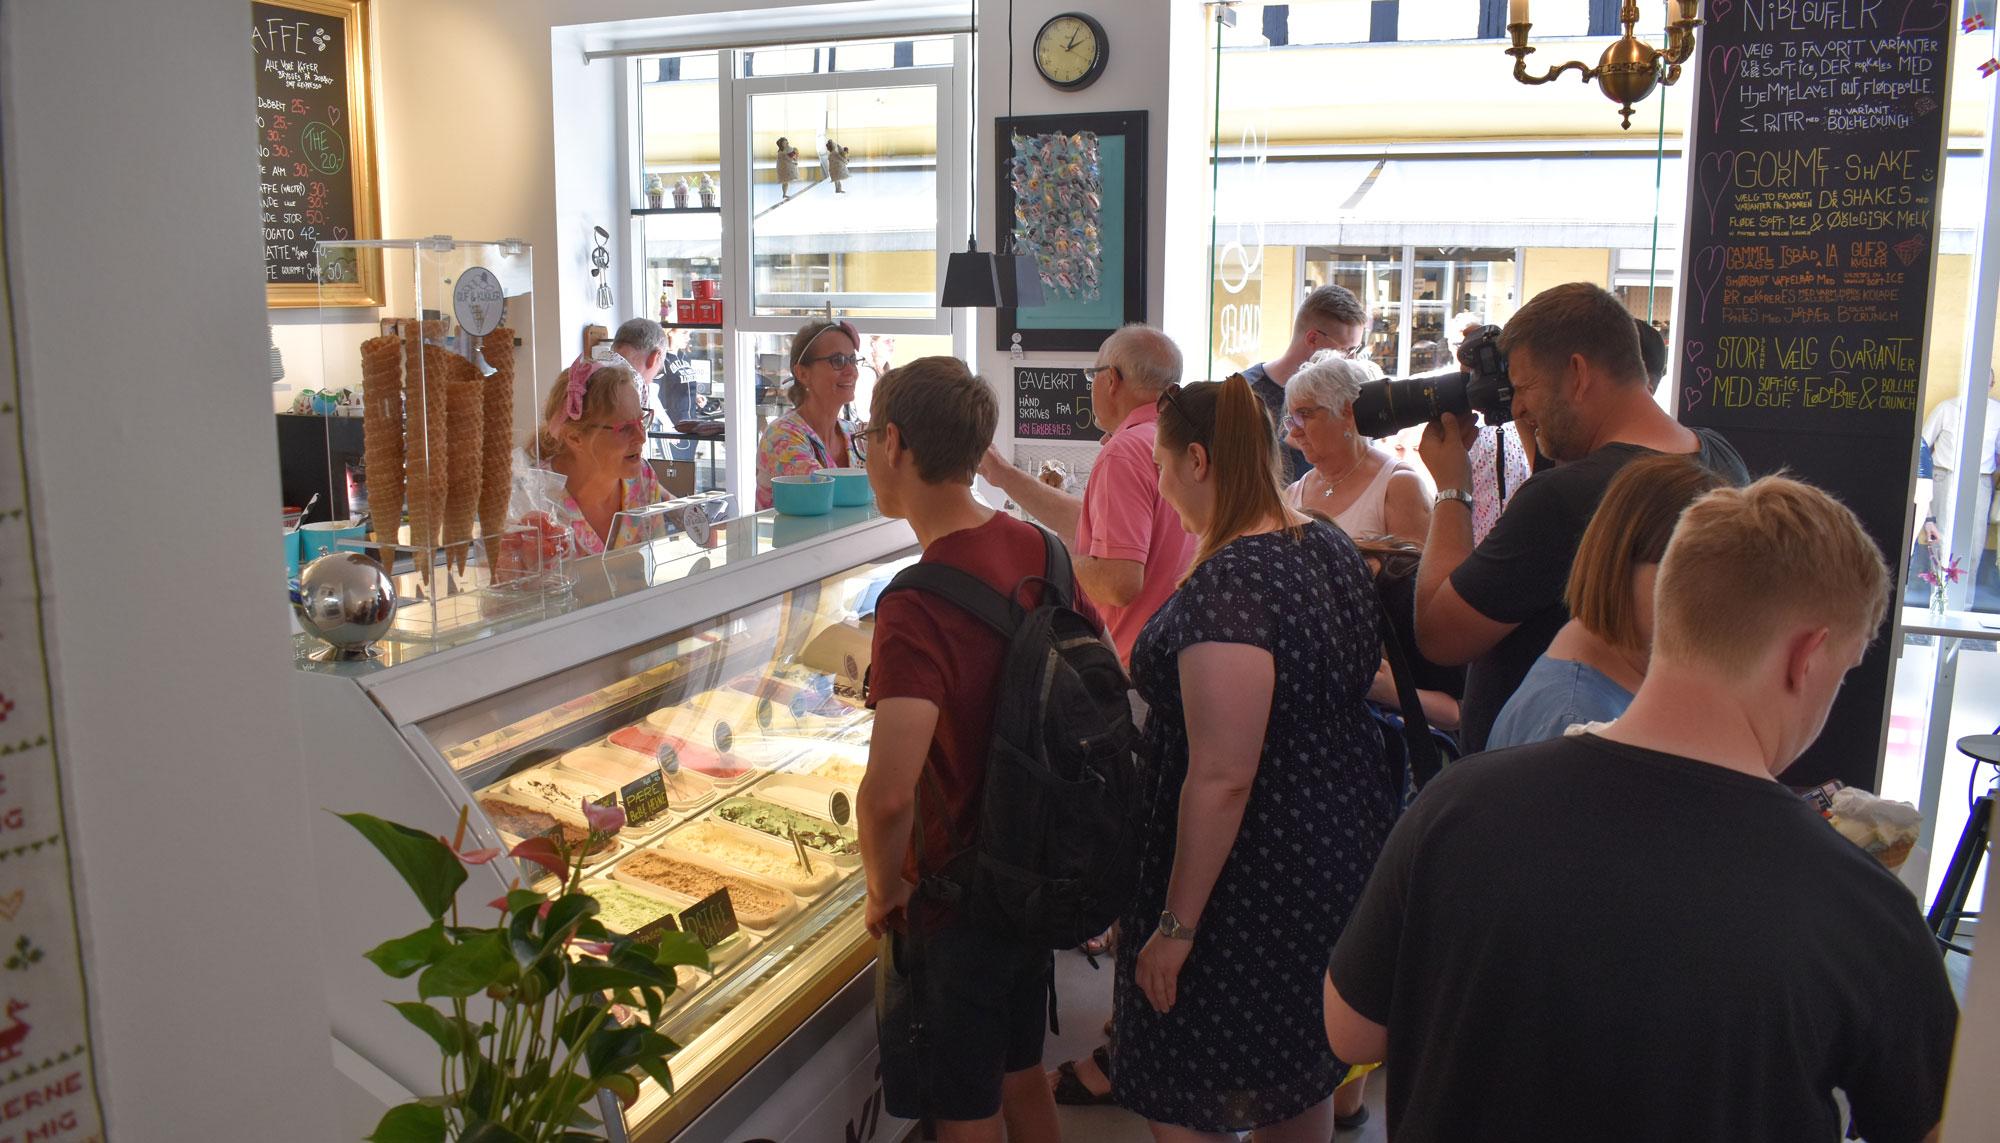 Så kom der kø igen: Guf & Kugler åbnede i den gamle Slotsbager